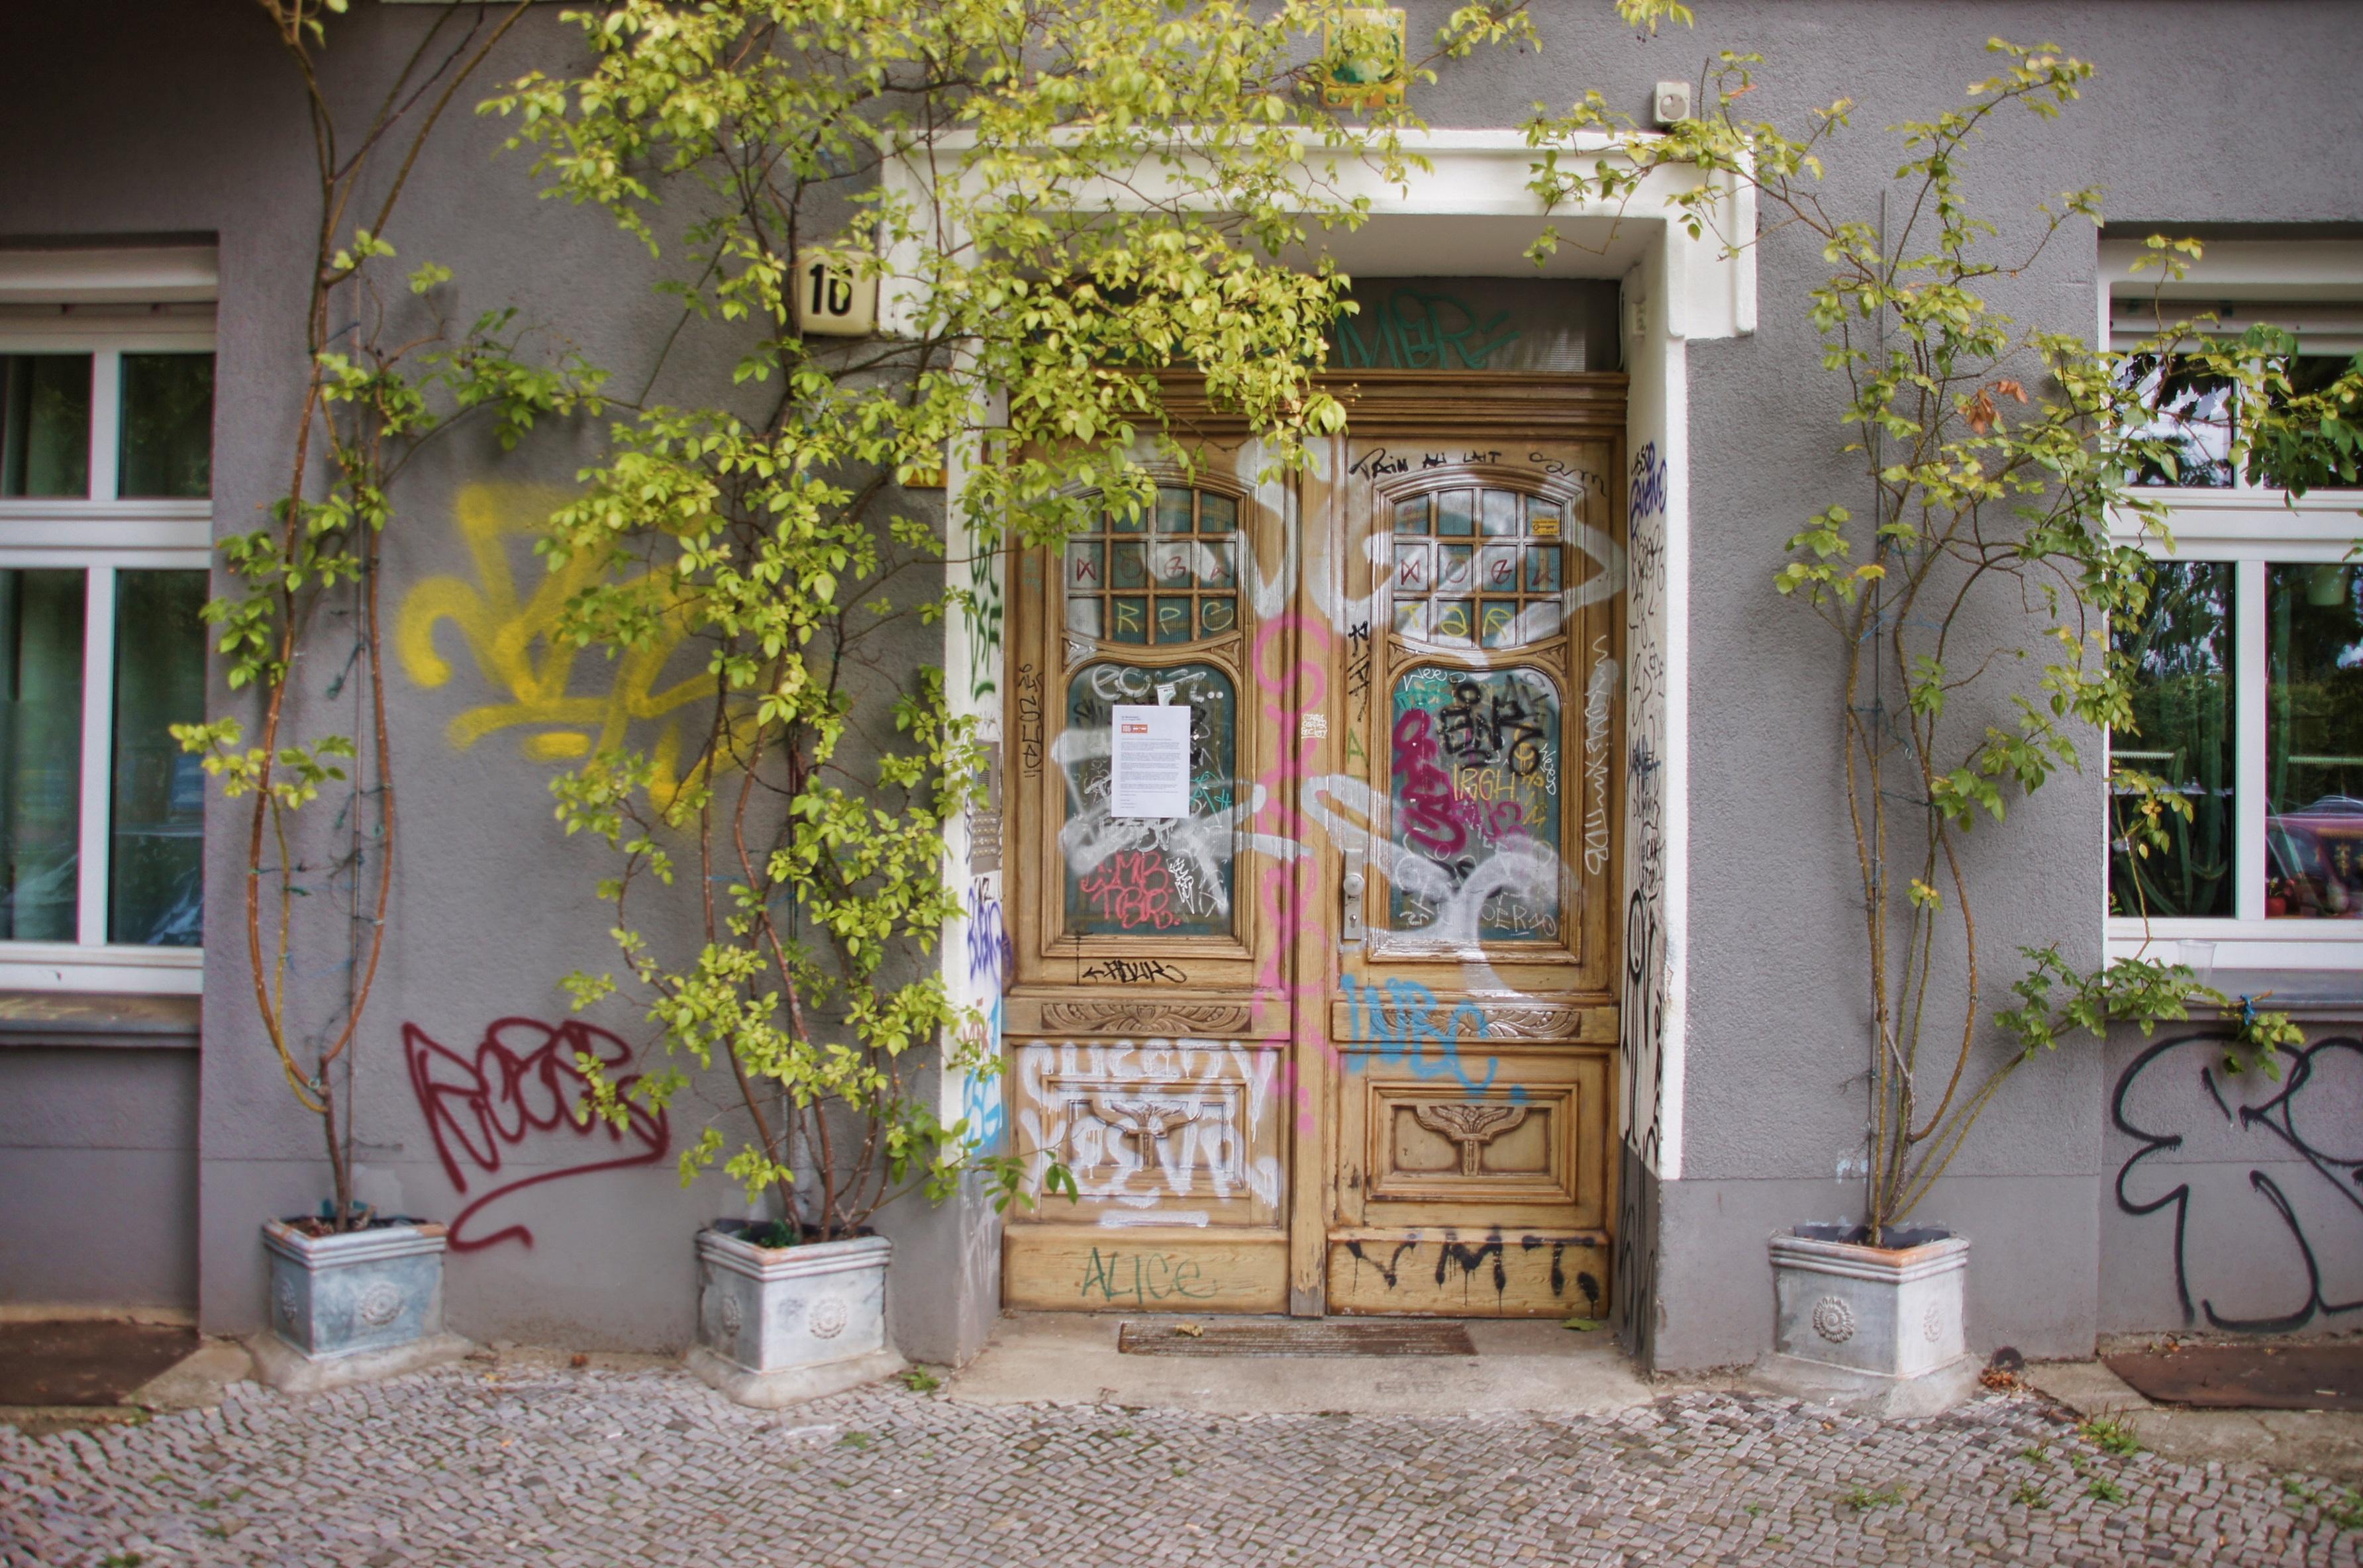 images gratuites maison fleur b timent mur porche chalet fa ade jardin graffiti porte. Black Bedroom Furniture Sets. Home Design Ideas